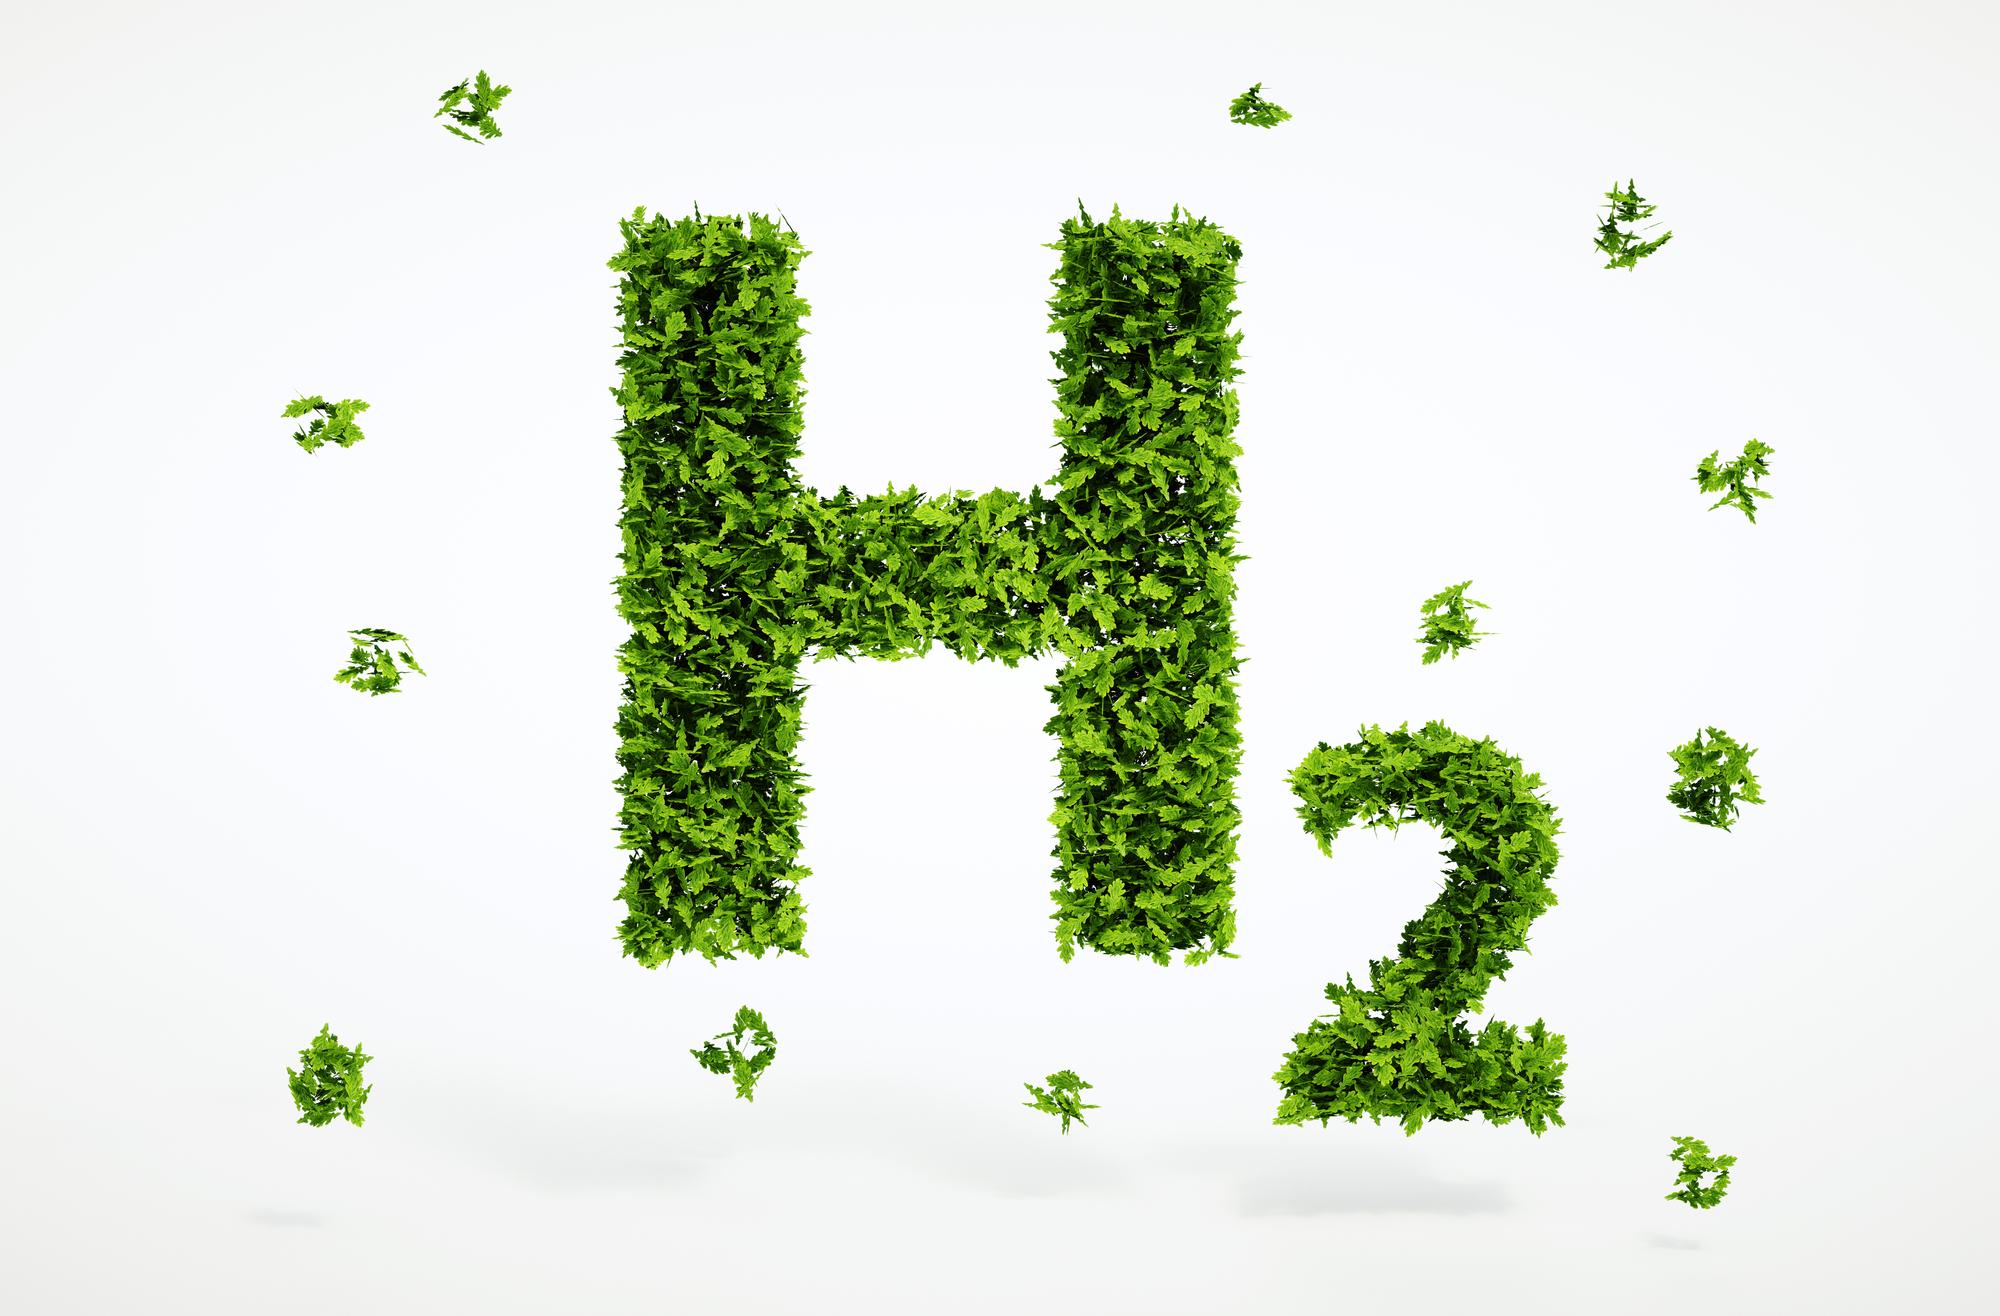 prometeo idrogeno verde